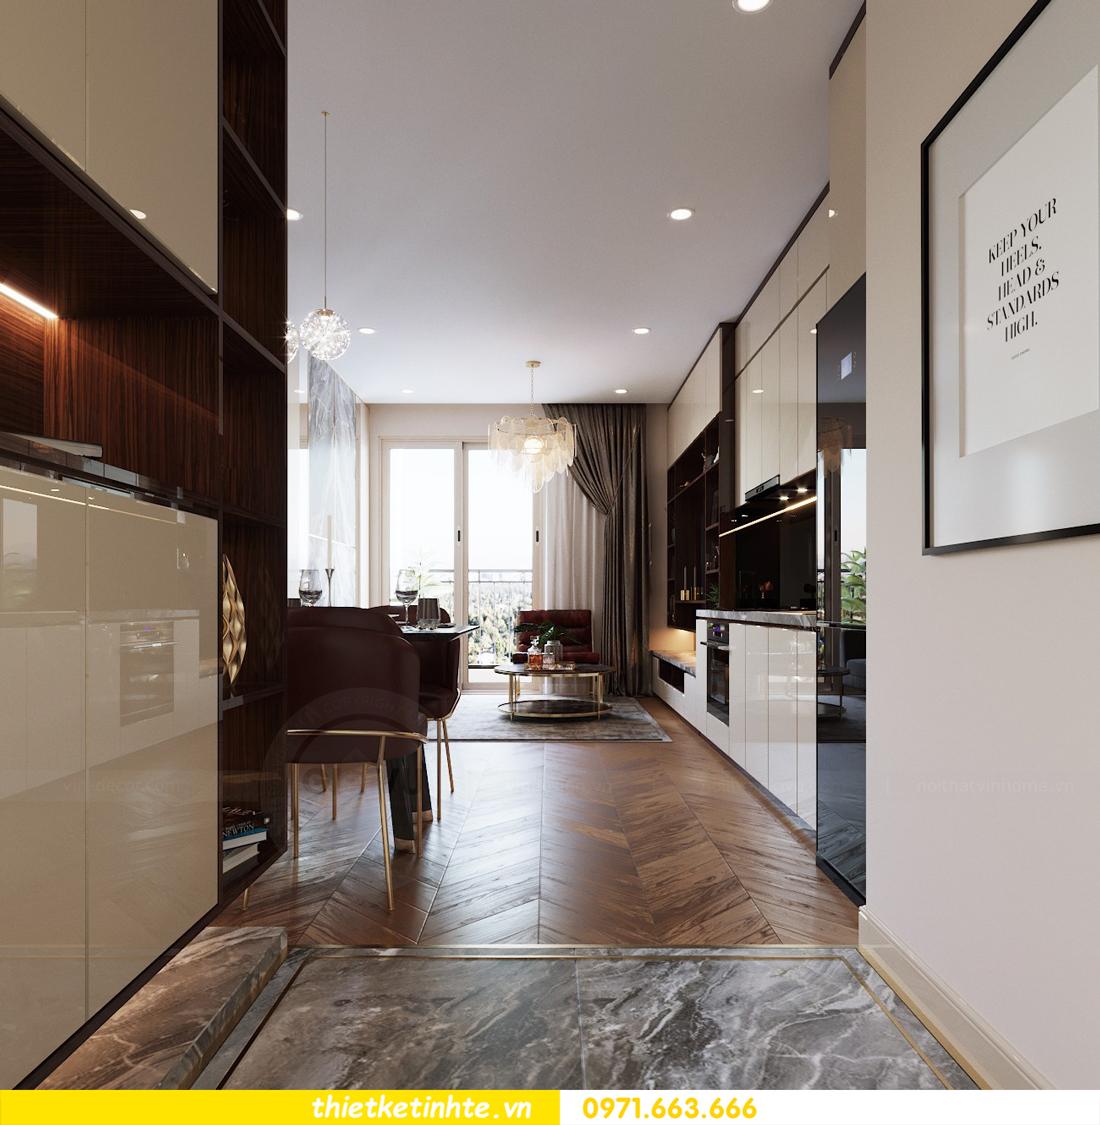 mẫu thiết kế nội thất chung cư 2 phòng ngủ nhỏ đẹp hiện đại 2